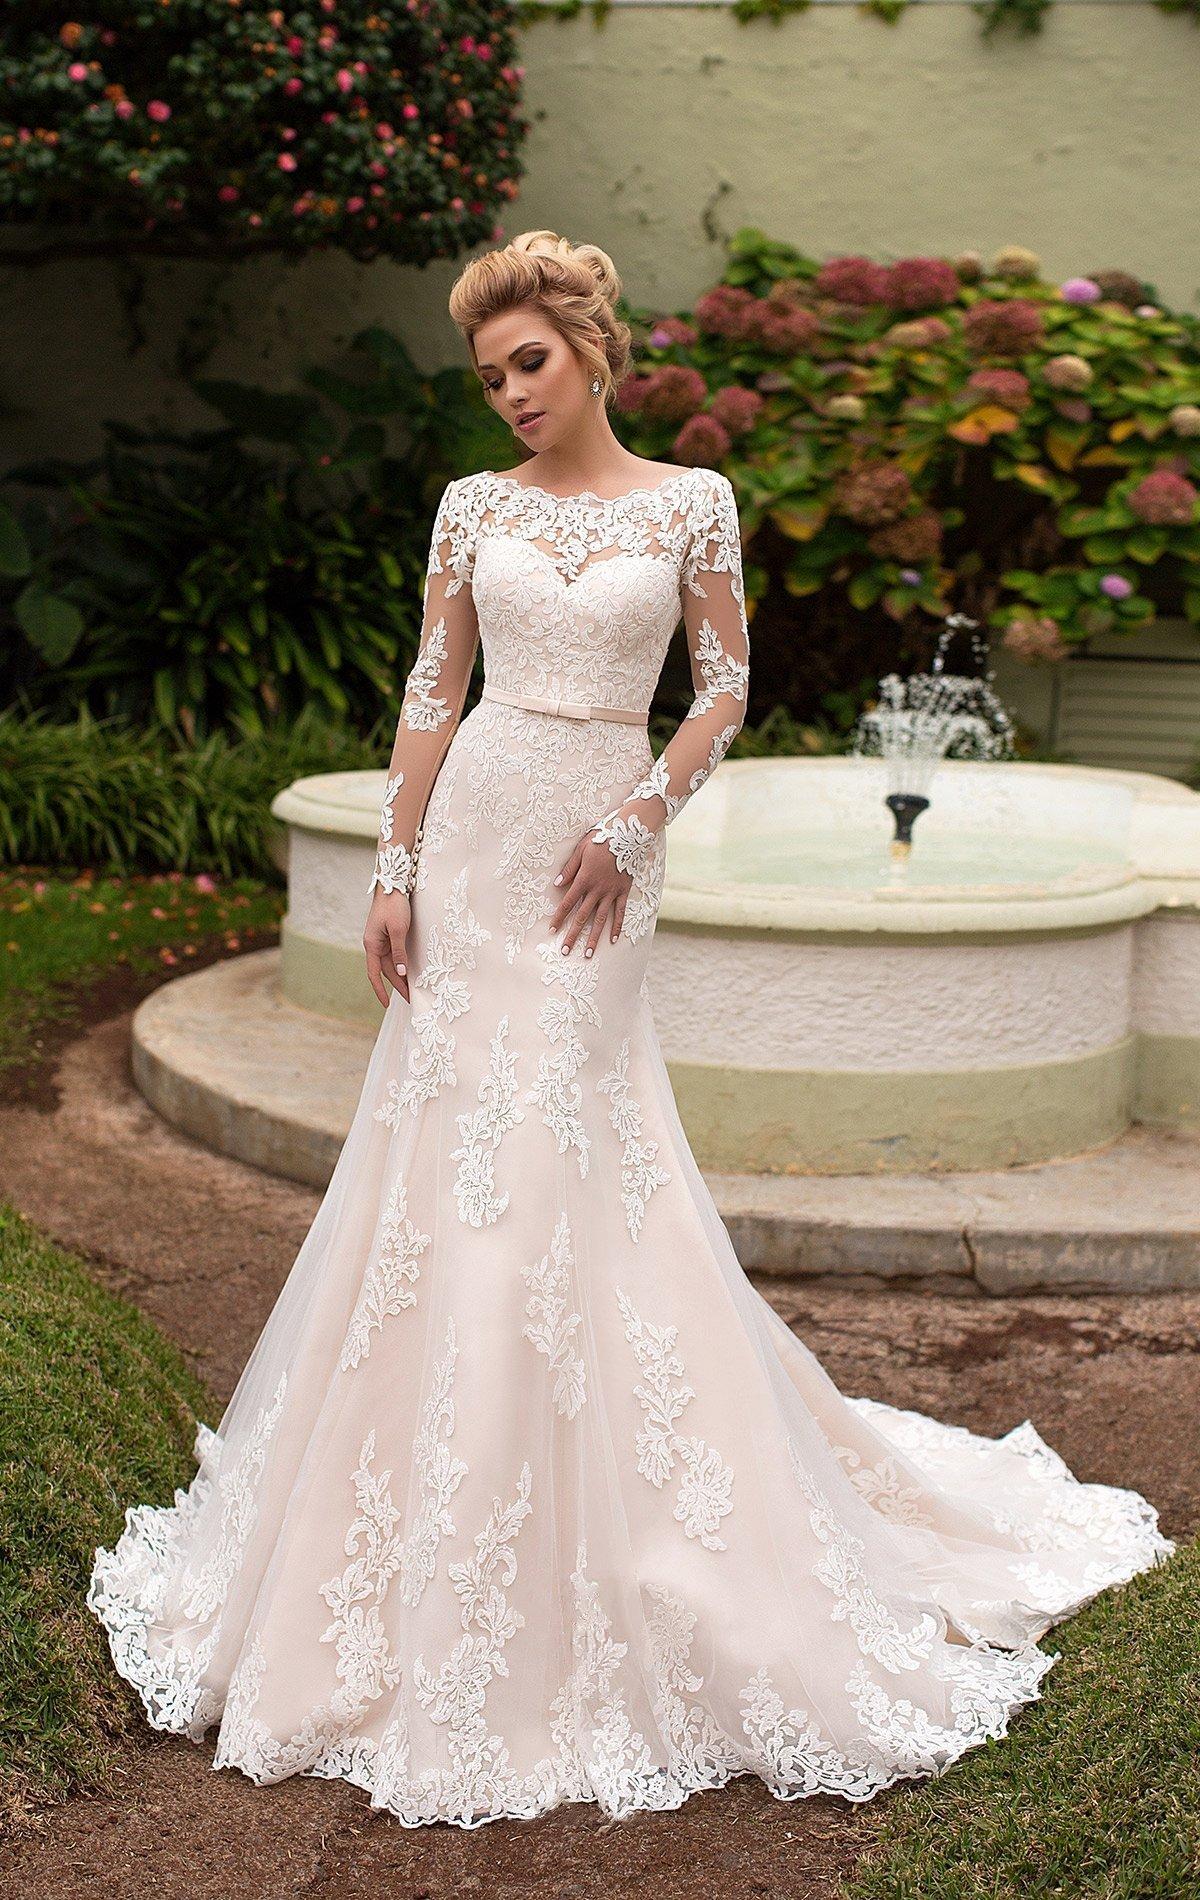 e78a7e048d510a Облегающее свадебное платье с подкладкой цвета слоновой кости и длинным  кружевным рукавом.